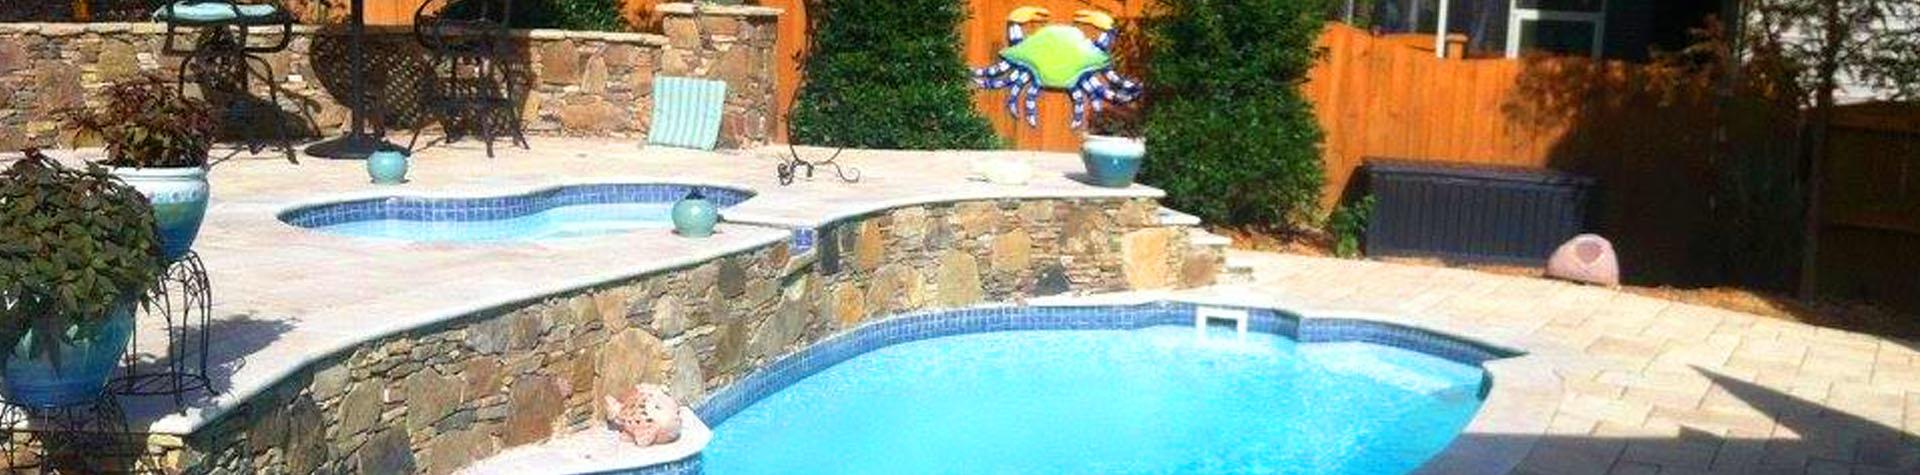 Cannonball Pools Swimming Pools Columbia Sc Advantages